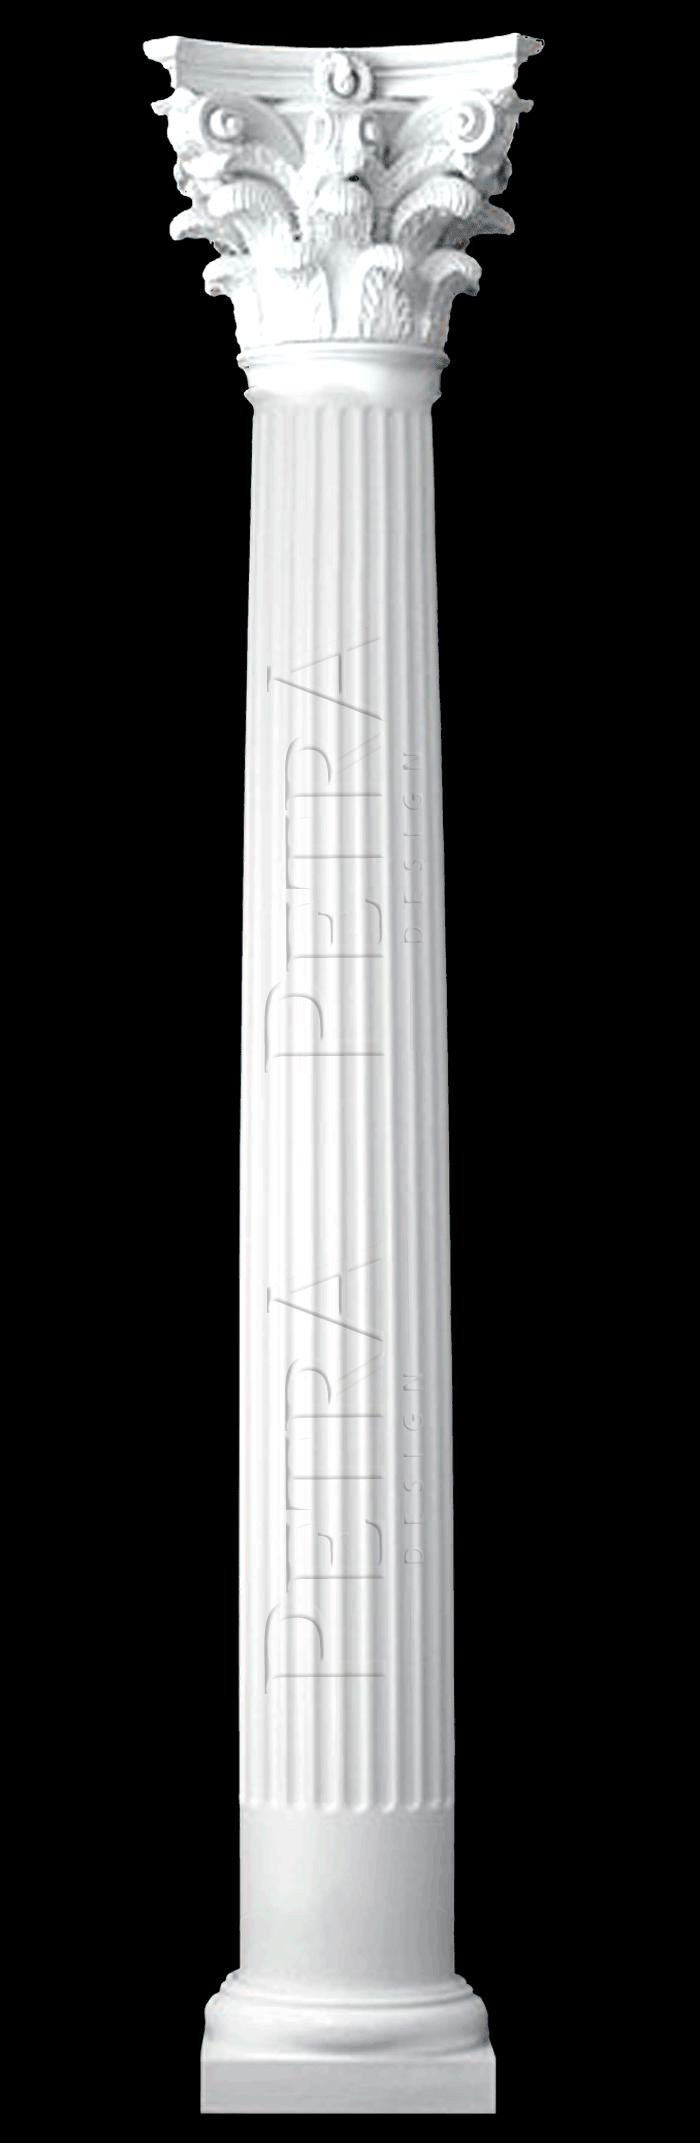 Interiot column grg column column cover fiberglass column for Fiberglass interior columns